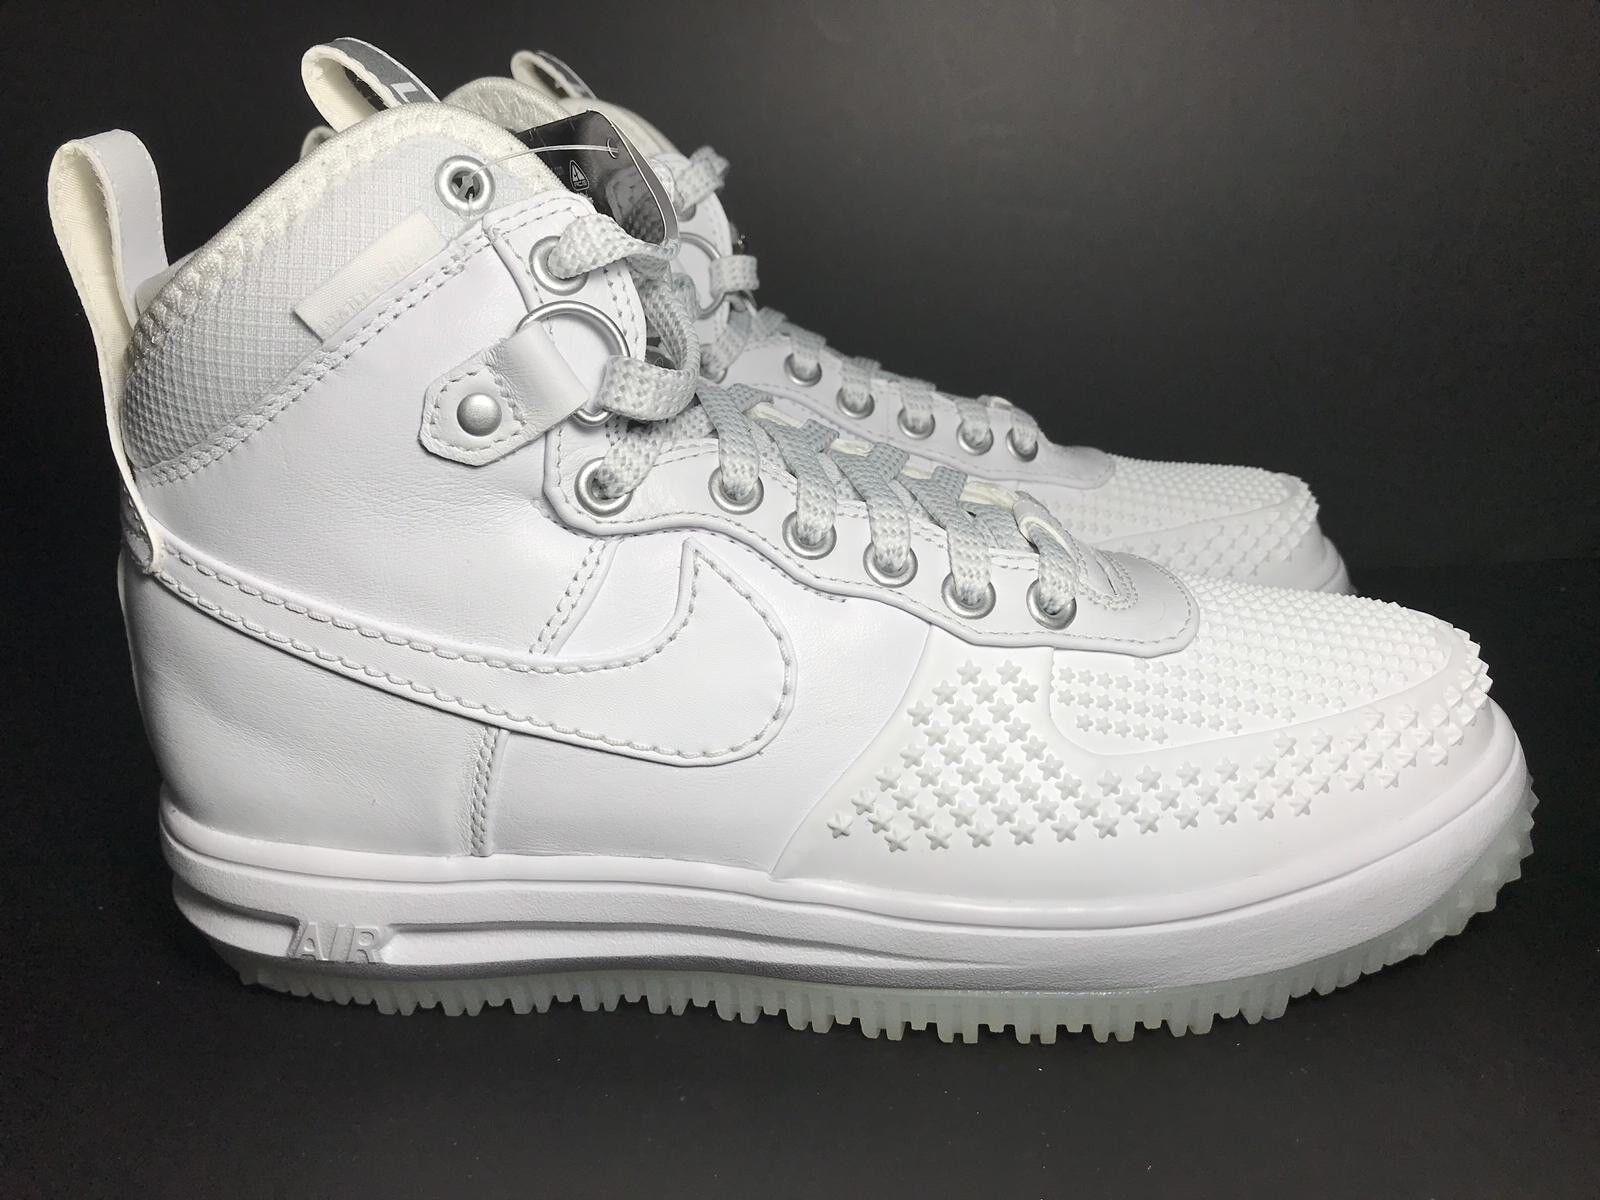 best website aa700 57040 Nike Lunar Force 1 Duckboot - White White White White 805899 101- Men s  Size 7